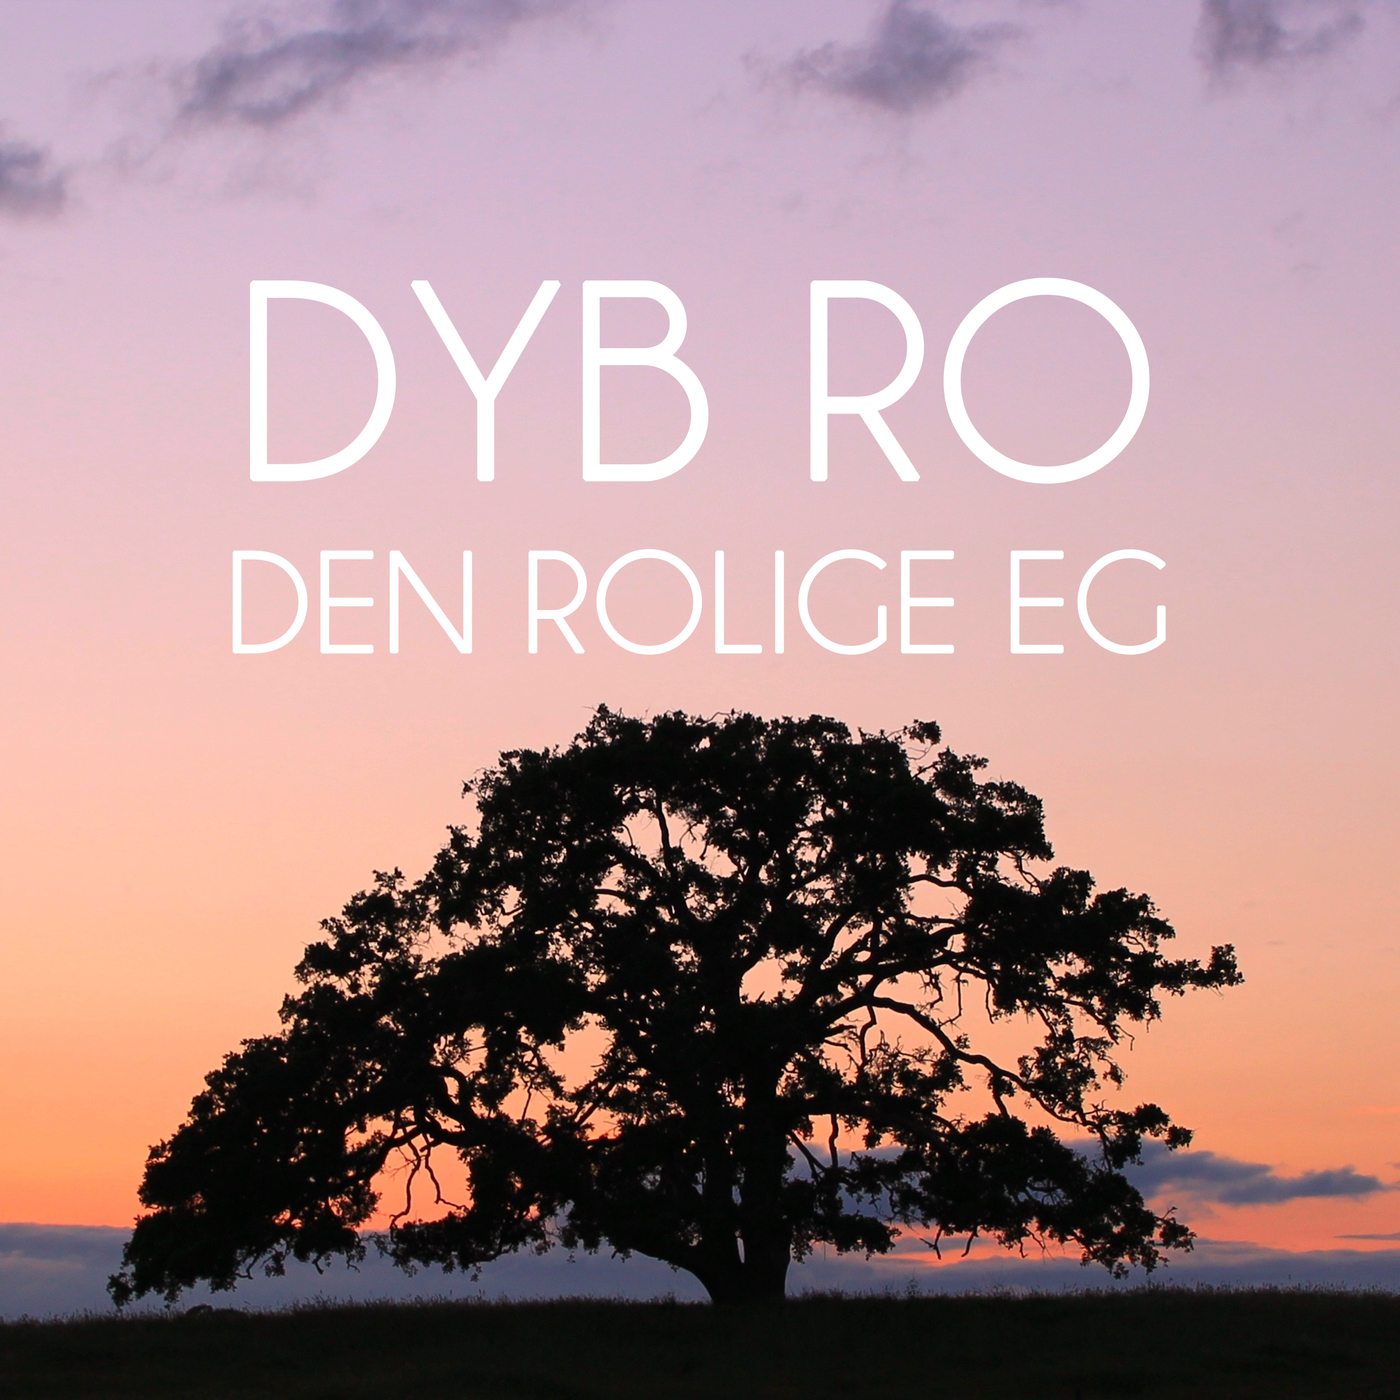 Den Rolige Eg - Dyb Ro